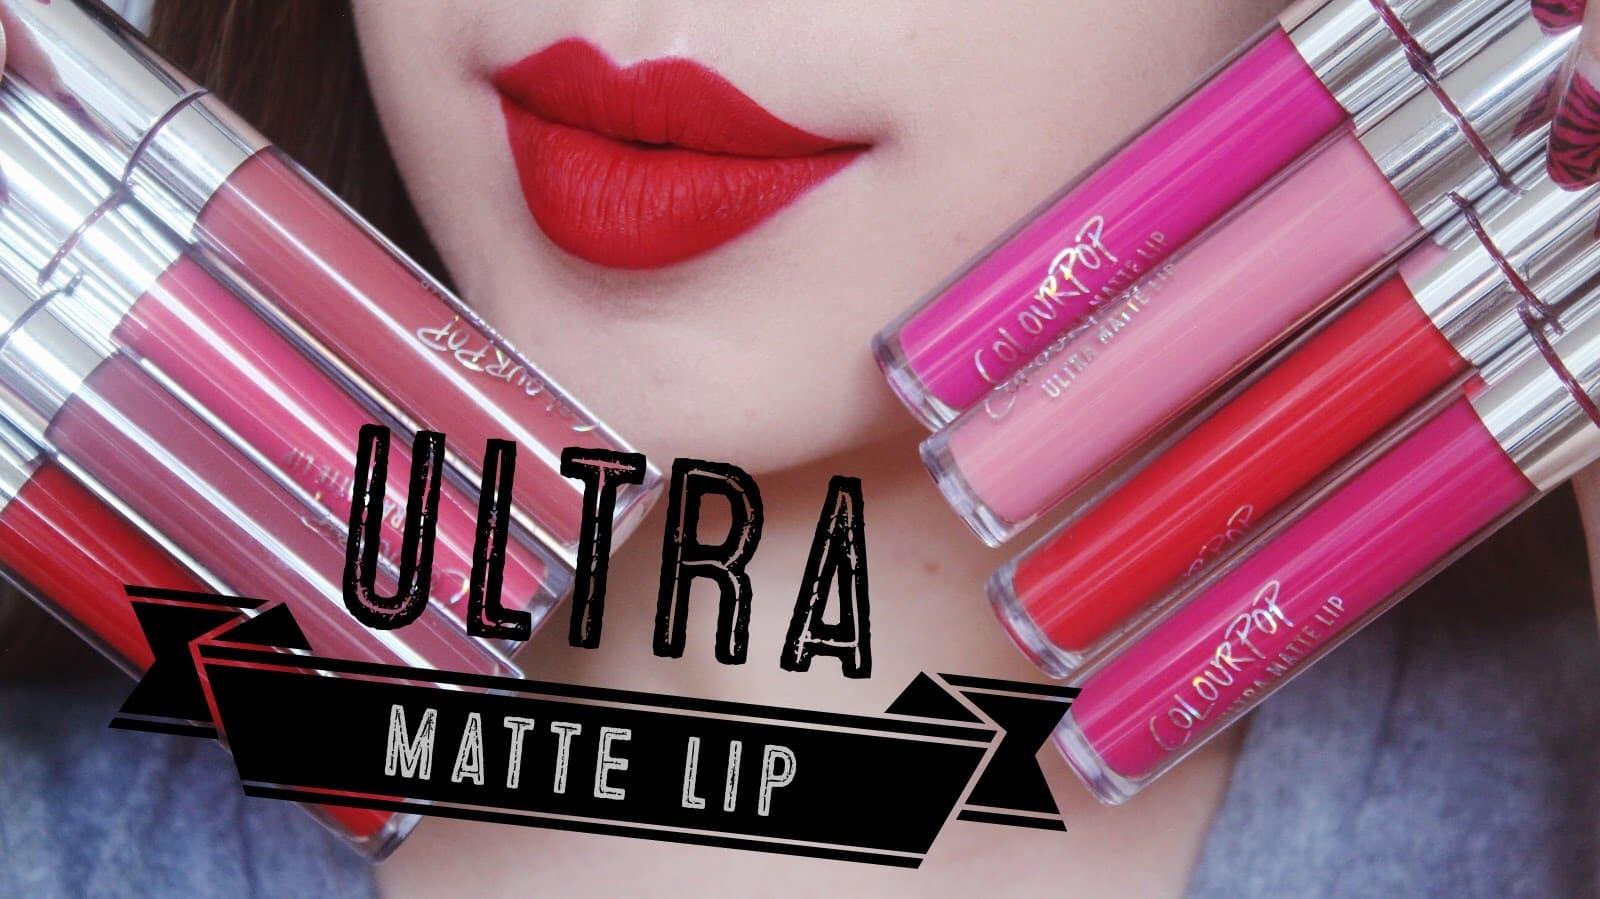 colourpop ultra matte lip malaysia